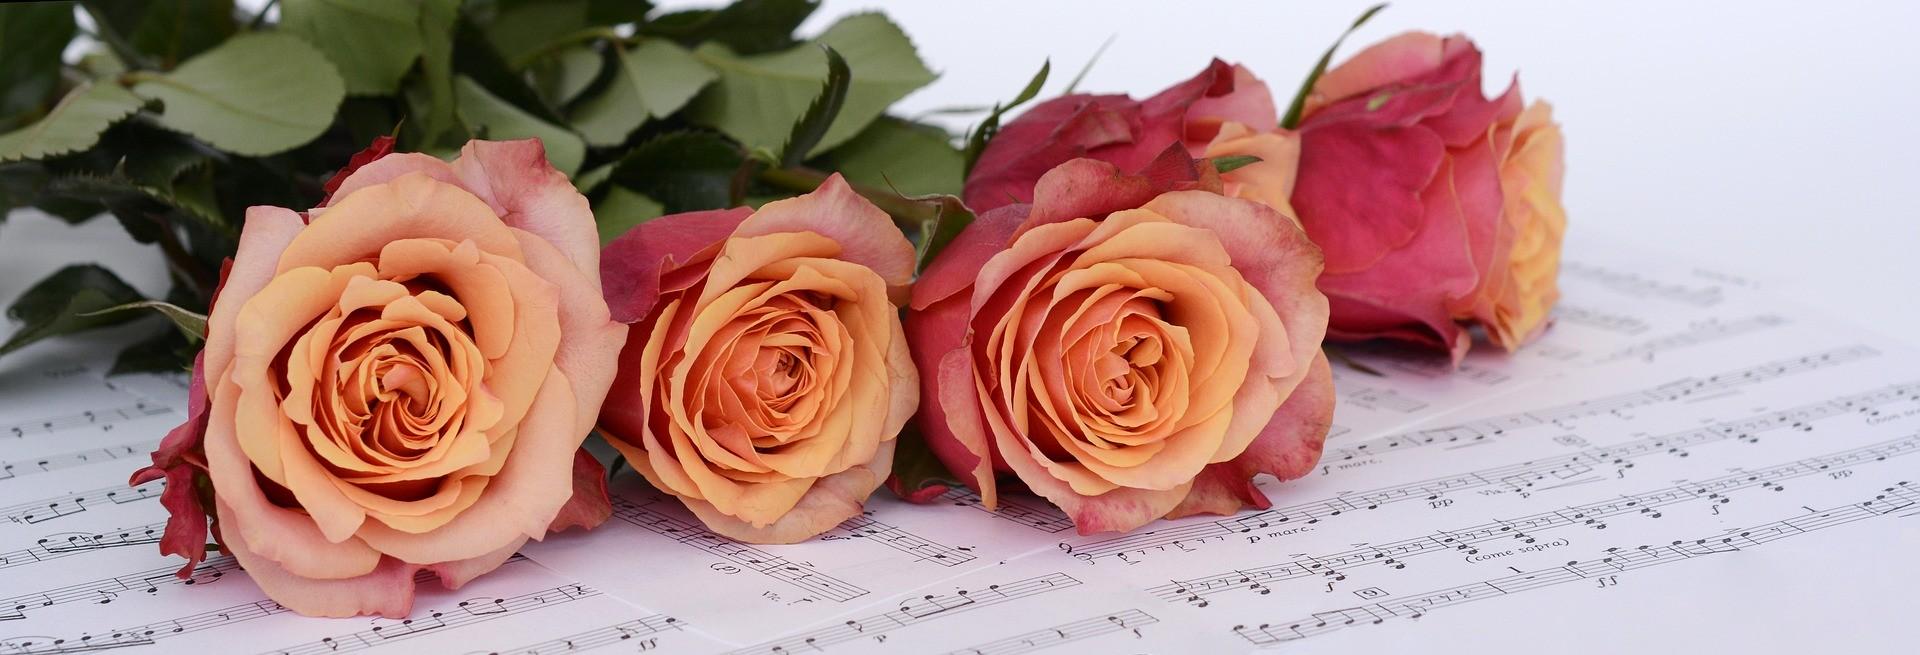 Musikbeispiel für eine Trauerfeier